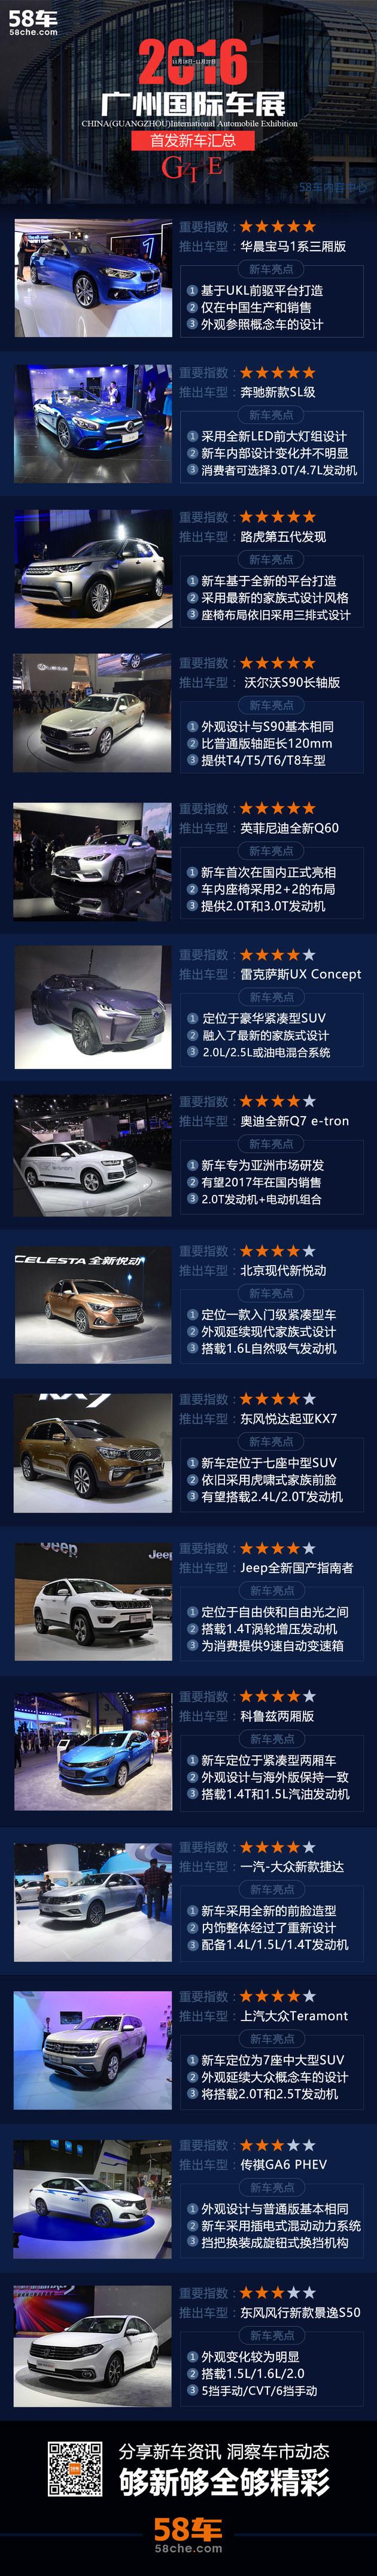 2016广州车展首发新车汇总 豪华车居多